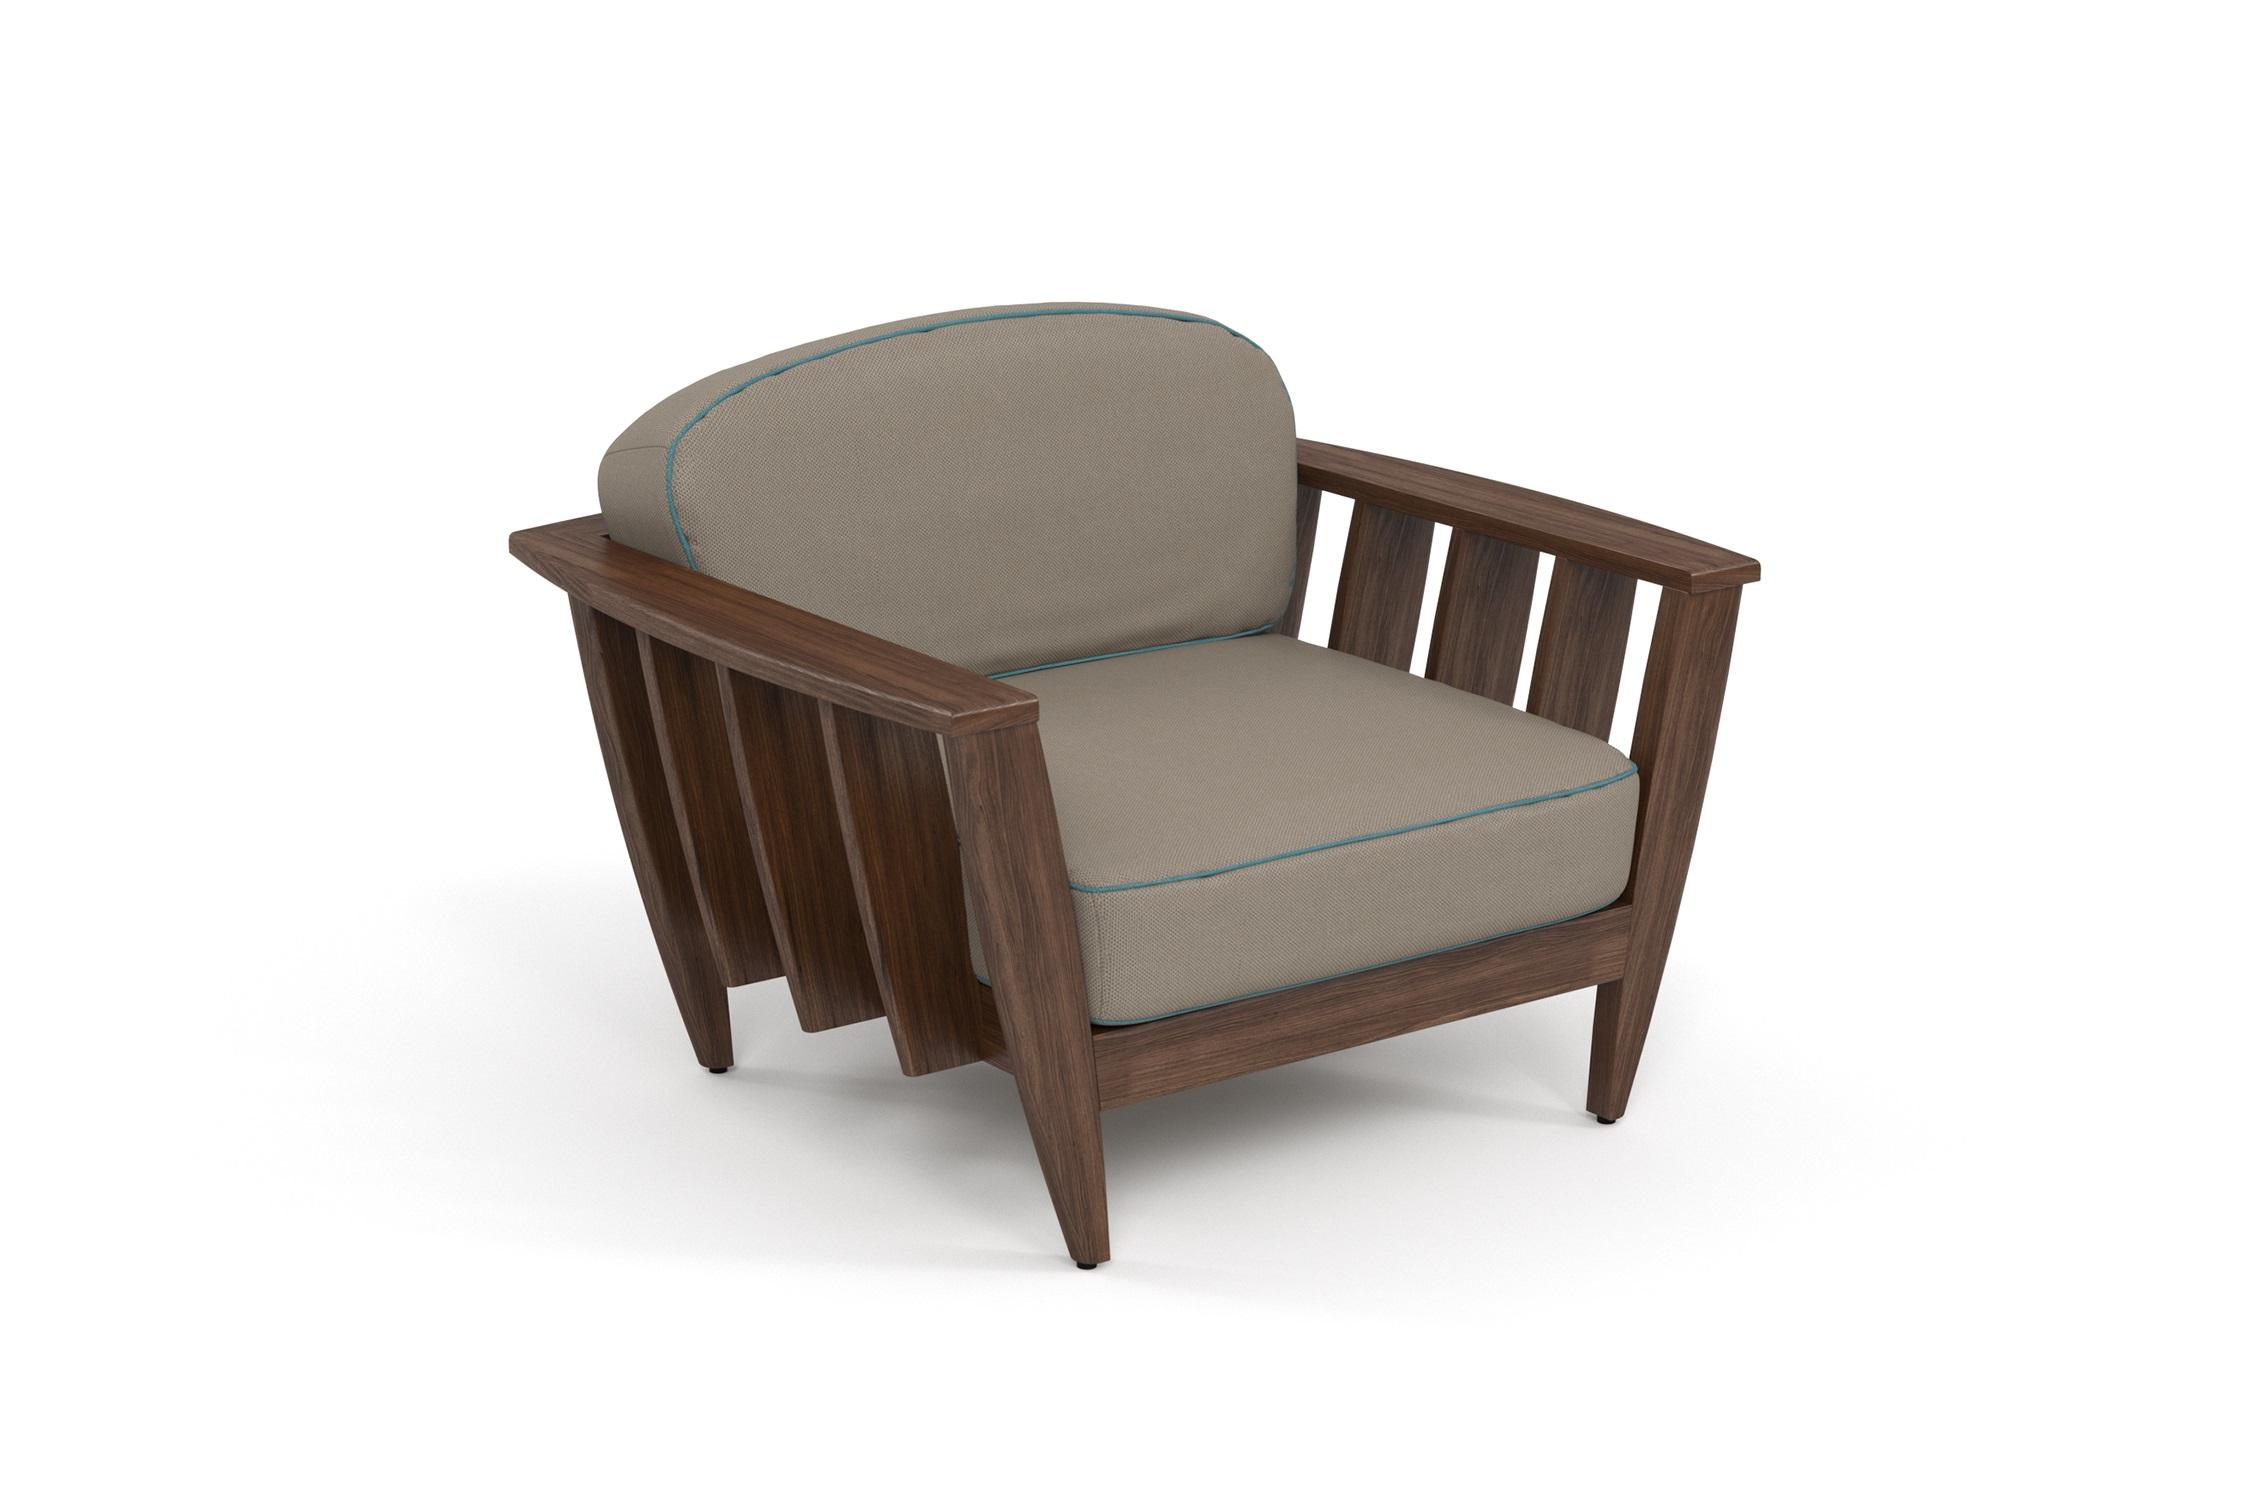 Кресло лаунж ReefКресла для сада<br>&amp;lt;div&amp;gt;Коллекция REEF - уникальный дизайн, сочетающий в себе надежность, теплоту дерева и продуманность форм. Мягкие удобные подушки, выполненные в контрастной цветовой гамме, сразу привлекают внимание к уютному уголку отдыха. Коллекция универсальна: предназначена для уединения отдыха в тенистой зелени сада, неспешных обедов во внутреннем дворике или досуга у воды.&amp;amp;nbsp;&amp;lt;/div&amp;gt;&amp;lt;div&amp;gt;Высота посадки:390мм.&amp;lt;/div&amp;gt;&amp;lt;div&amp;gt;&amp;lt;br&amp;gt;&amp;lt;/div&amp;gt;&amp;lt;div&amp;gt;&amp;lt;div&amp;gt;Термоясень (ясень термообработанный) обладает высокими эксплуатационными характеристиками. Имеет ярко выраженную красивую текстуру и благородный аромат. Это исключительно долговечный, недеформируемый под воздействием атмосферных явлений и экологически чистый материал. В результате термообработки – длительного переменного воздействия пара и высоких температур – в структуре древесины происходят изменения на молекулярном уровне, и ясень приобретает наиболее важные для уличной мебели свойства – водостойкость, стабильность размеров, абсолютную устойчивость к биологическим поражениям. Срок службы – 10-15 лет.&amp;lt;/div&amp;gt;&amp;lt;/div&amp;gt;&amp;lt;div&amp;gt;&amp;lt;br&amp;gt;&amp;lt;/div&amp;gt;&amp;lt;div&amp;gt;Sunbrella® – акриловая ткань с водоотталкивающими свойствами от мирового лидера в производстве тканей для яхт.&amp;lt;/div&amp;gt;&amp;lt;div&amp;gt;&amp;lt;br&amp;gt;&amp;lt;/div&amp;gt;<br><br>&amp;lt;iframe width=&amp;quot;530&amp;quot; height=&amp;quot;300&amp;quot; src=&amp;quot;https://www.youtube.com/embed/uL9Kujh07kc&amp;quot; frameborder=&amp;quot;0&amp;quot; allowfullscreen=&amp;quot;&amp;quot;&amp;gt;&amp;lt;/iframe&amp;gt;<br><br>Material: Ясень<br>Ширина см: 111.0<br>Высота см: 77.0<br>Глубина см: 95